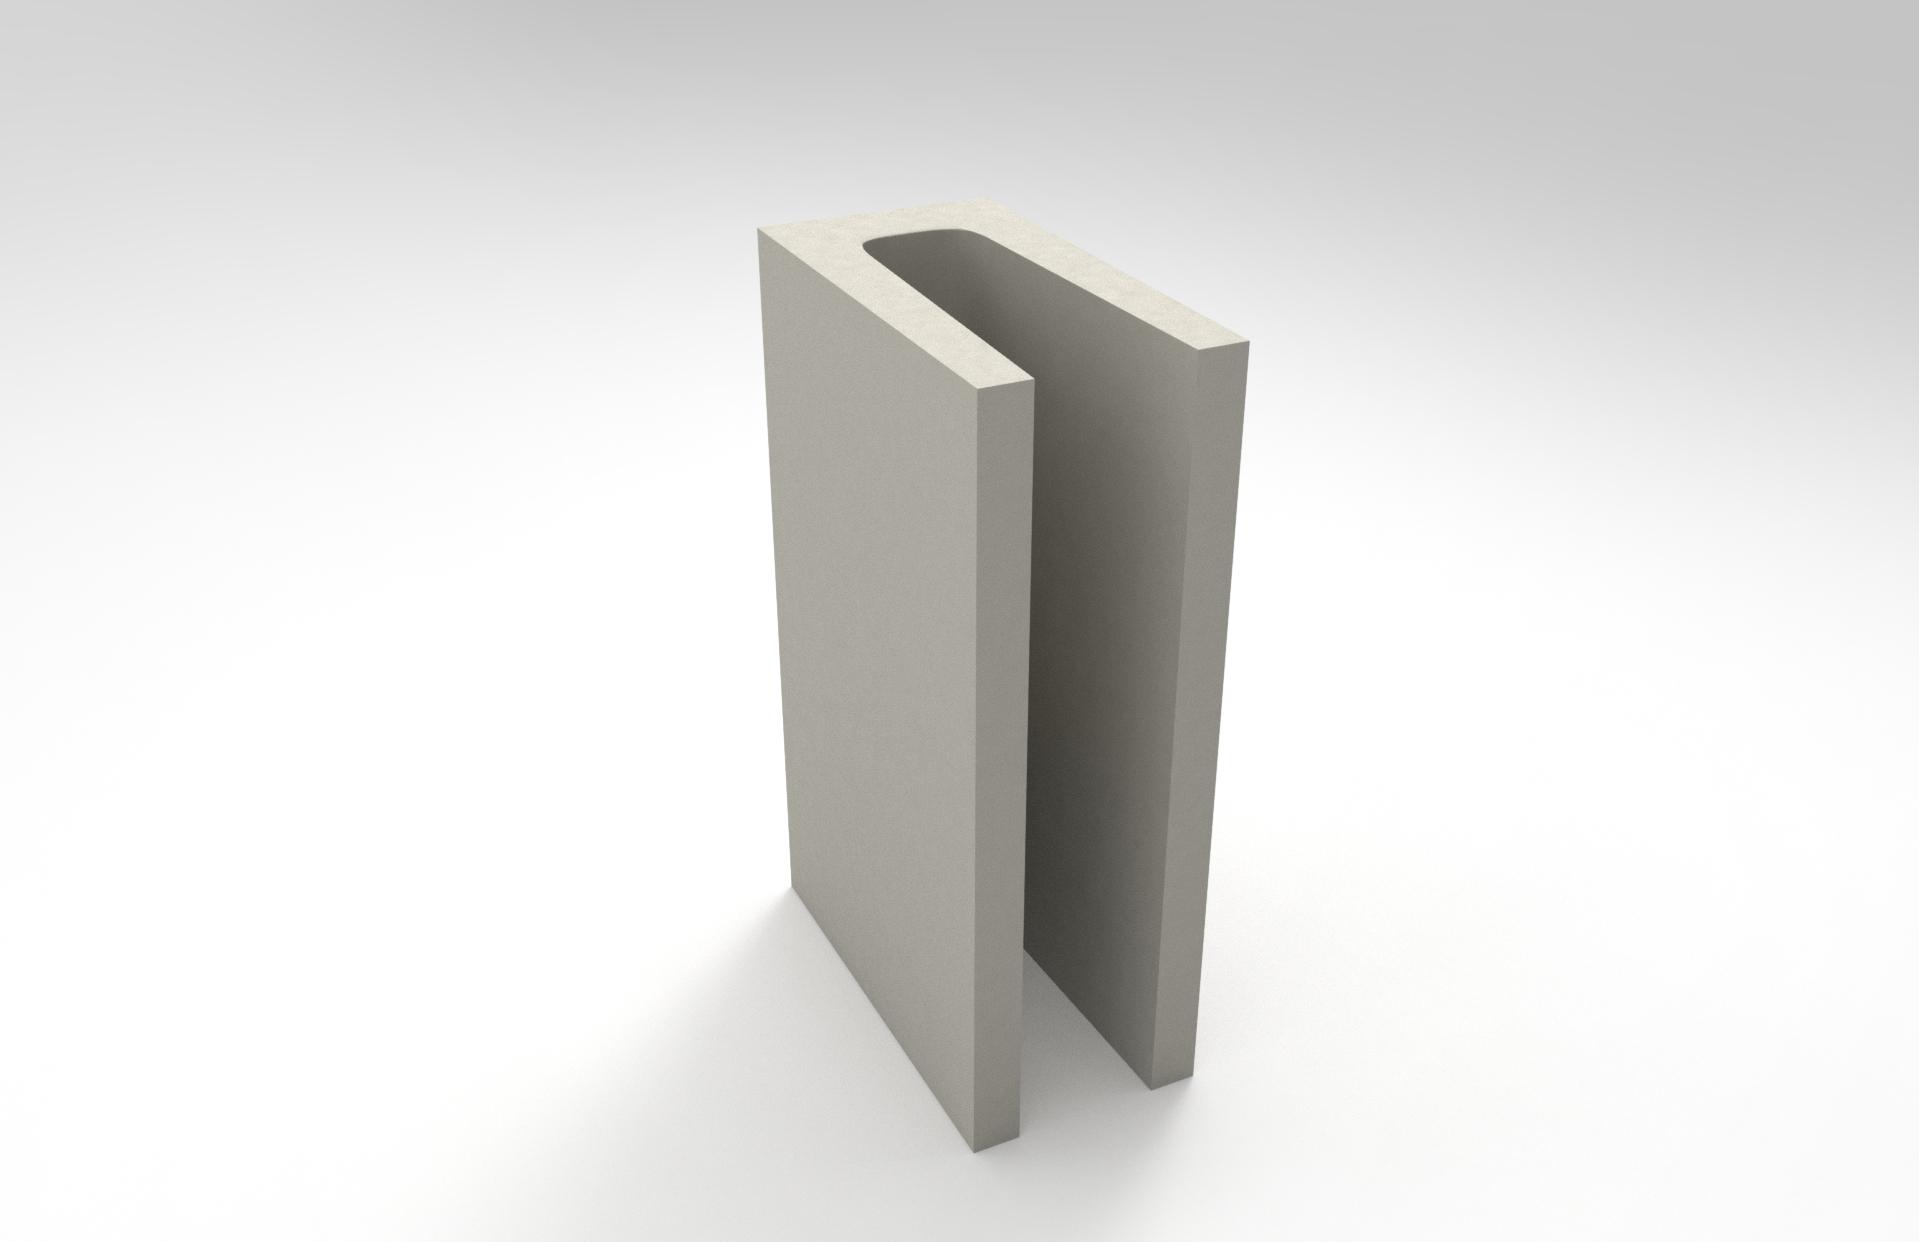 Réplica computadorizada de um bloco de concreto do tipo meia canaleta